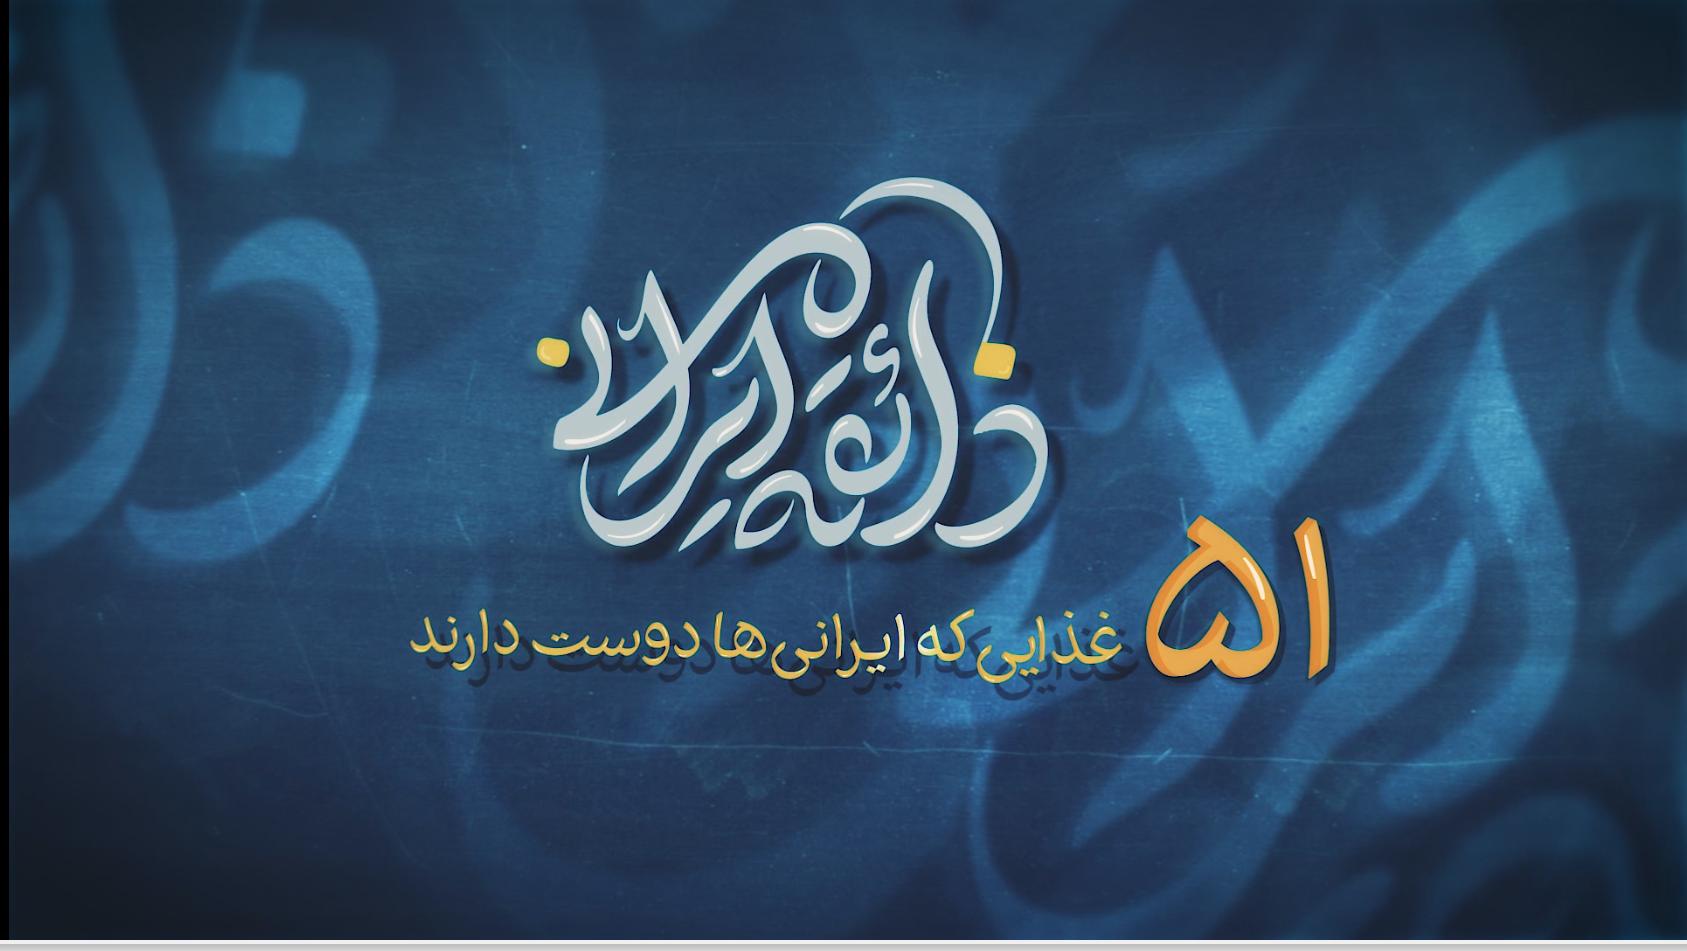 غذاهای اصیل ایرانی در مستند «ذائقه ایرانی»